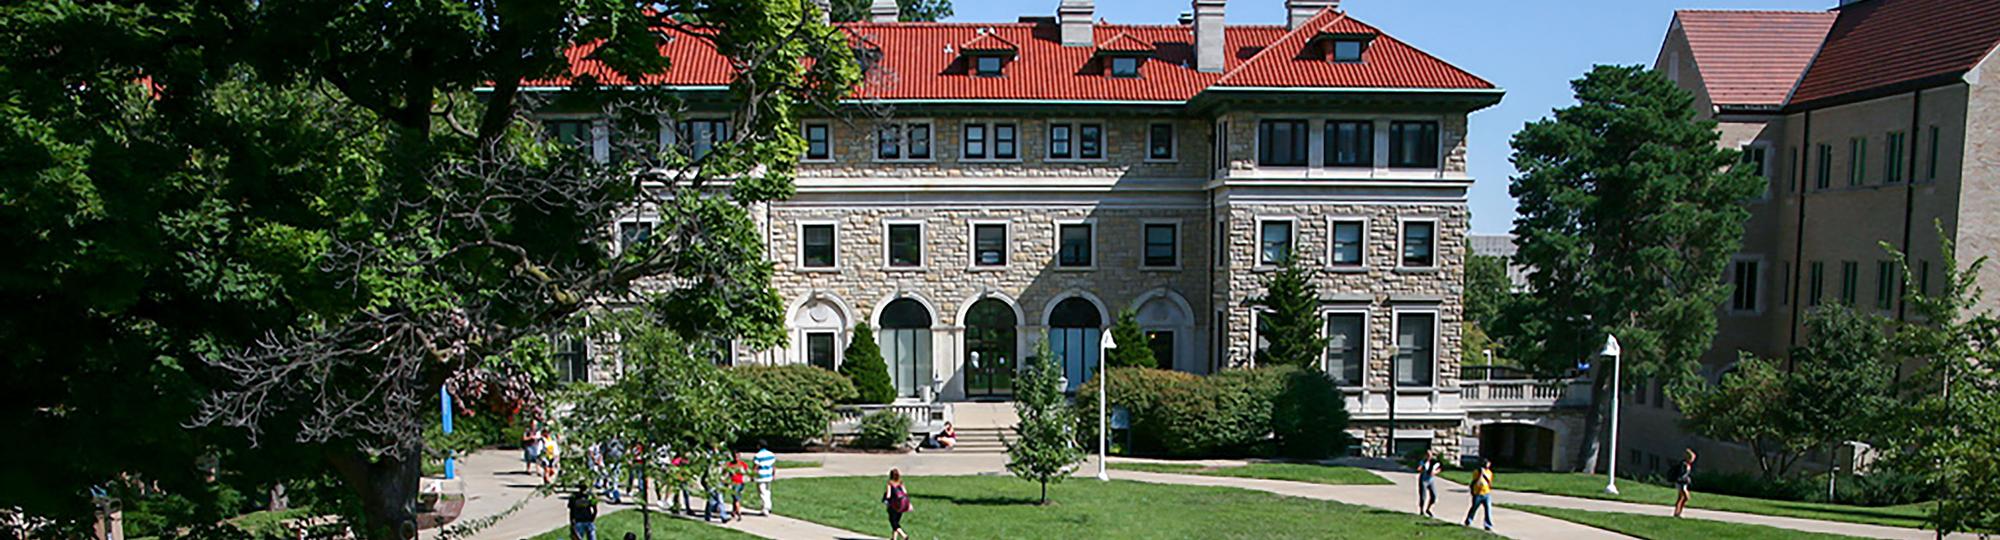 UMKC Building